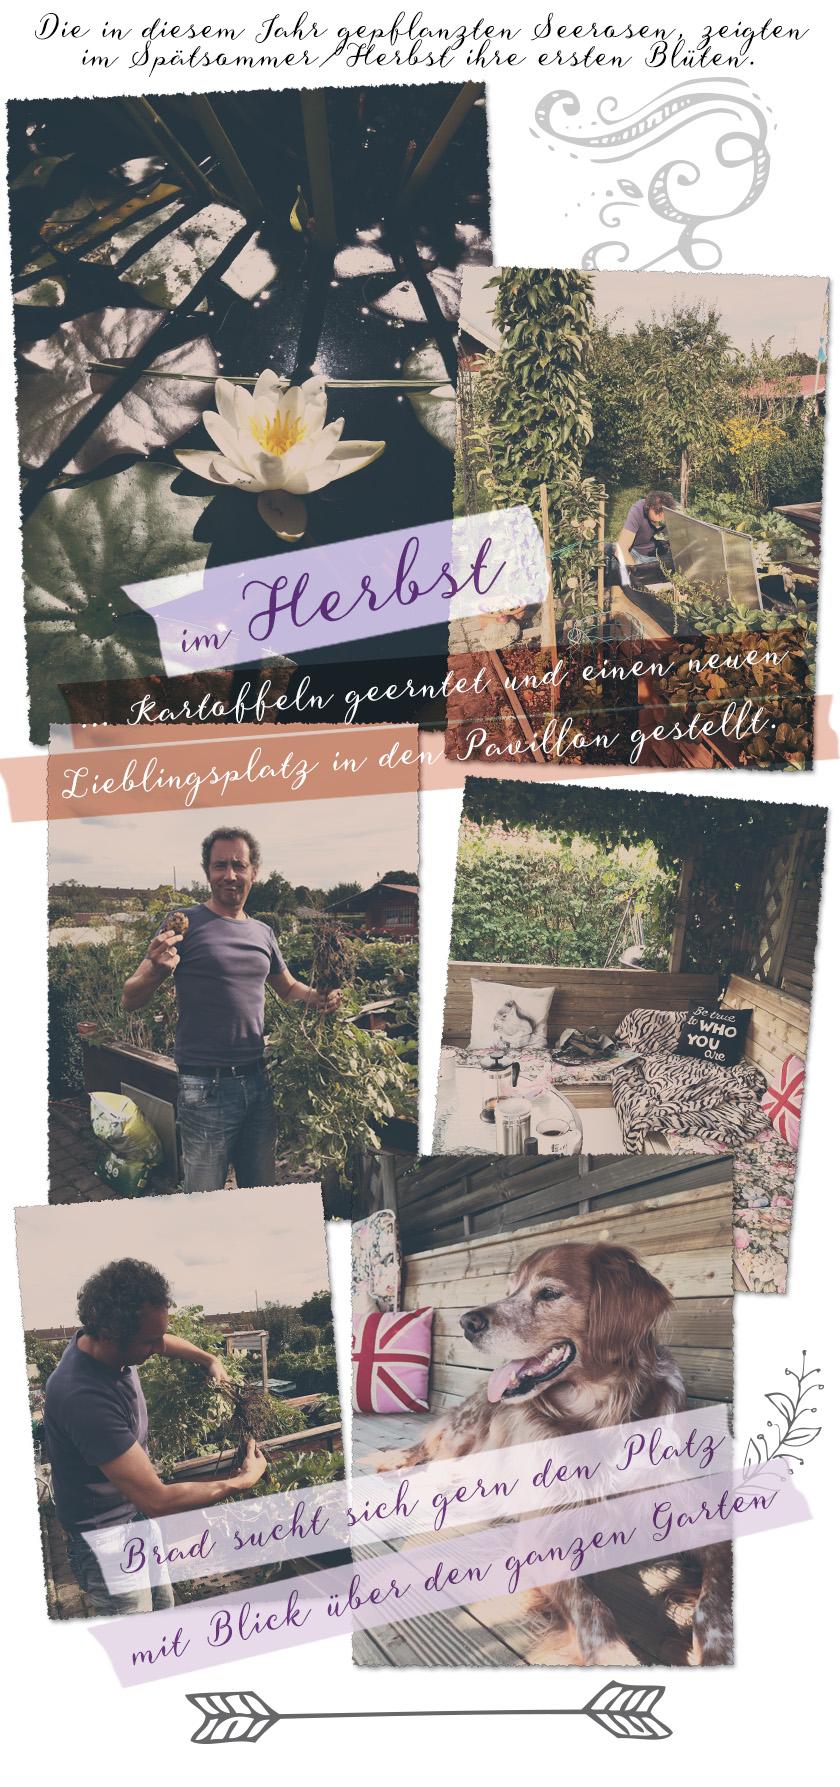 Gartentagebuch_Herbst 2015